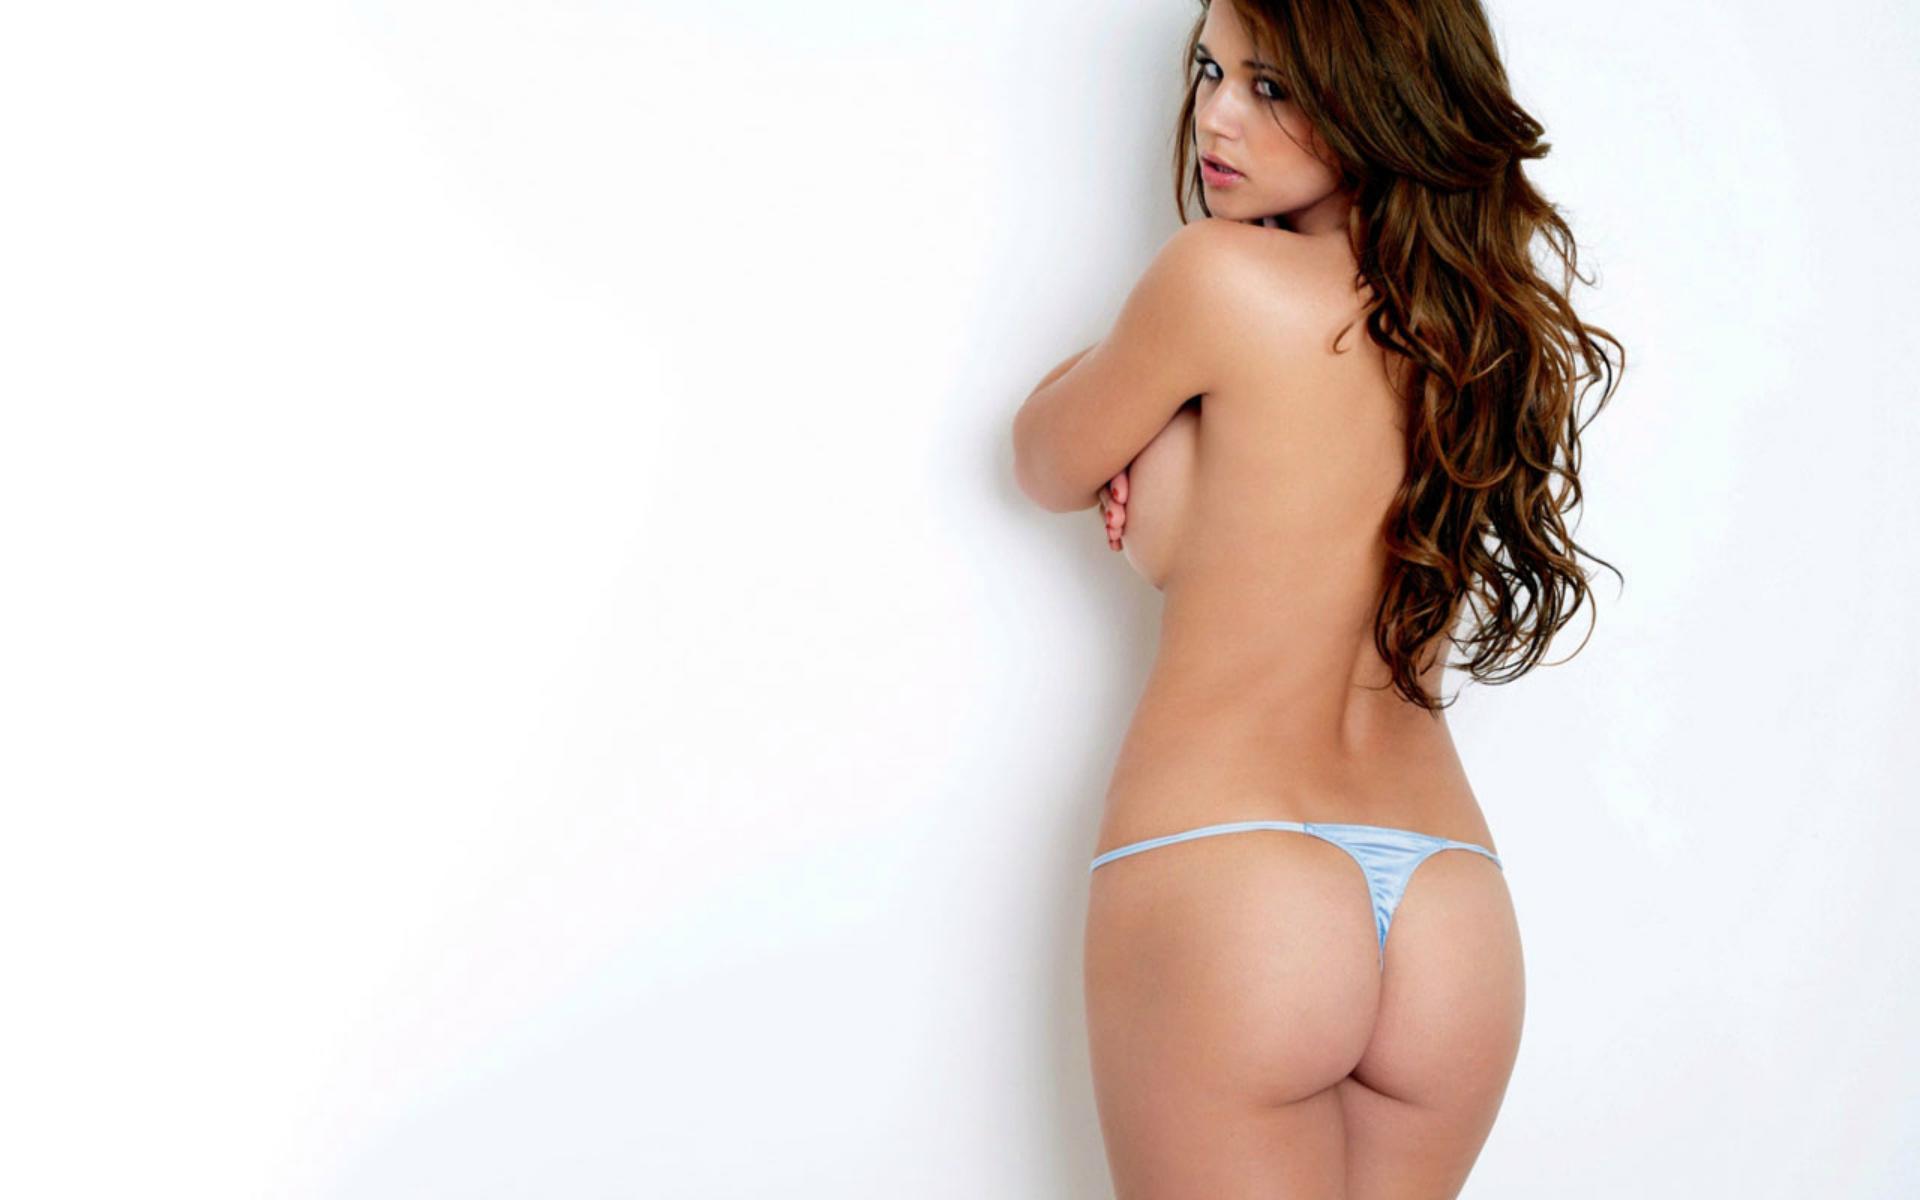 Голая девушка на белом фоне, смотреть онлайн порно видео лесбийские оргии